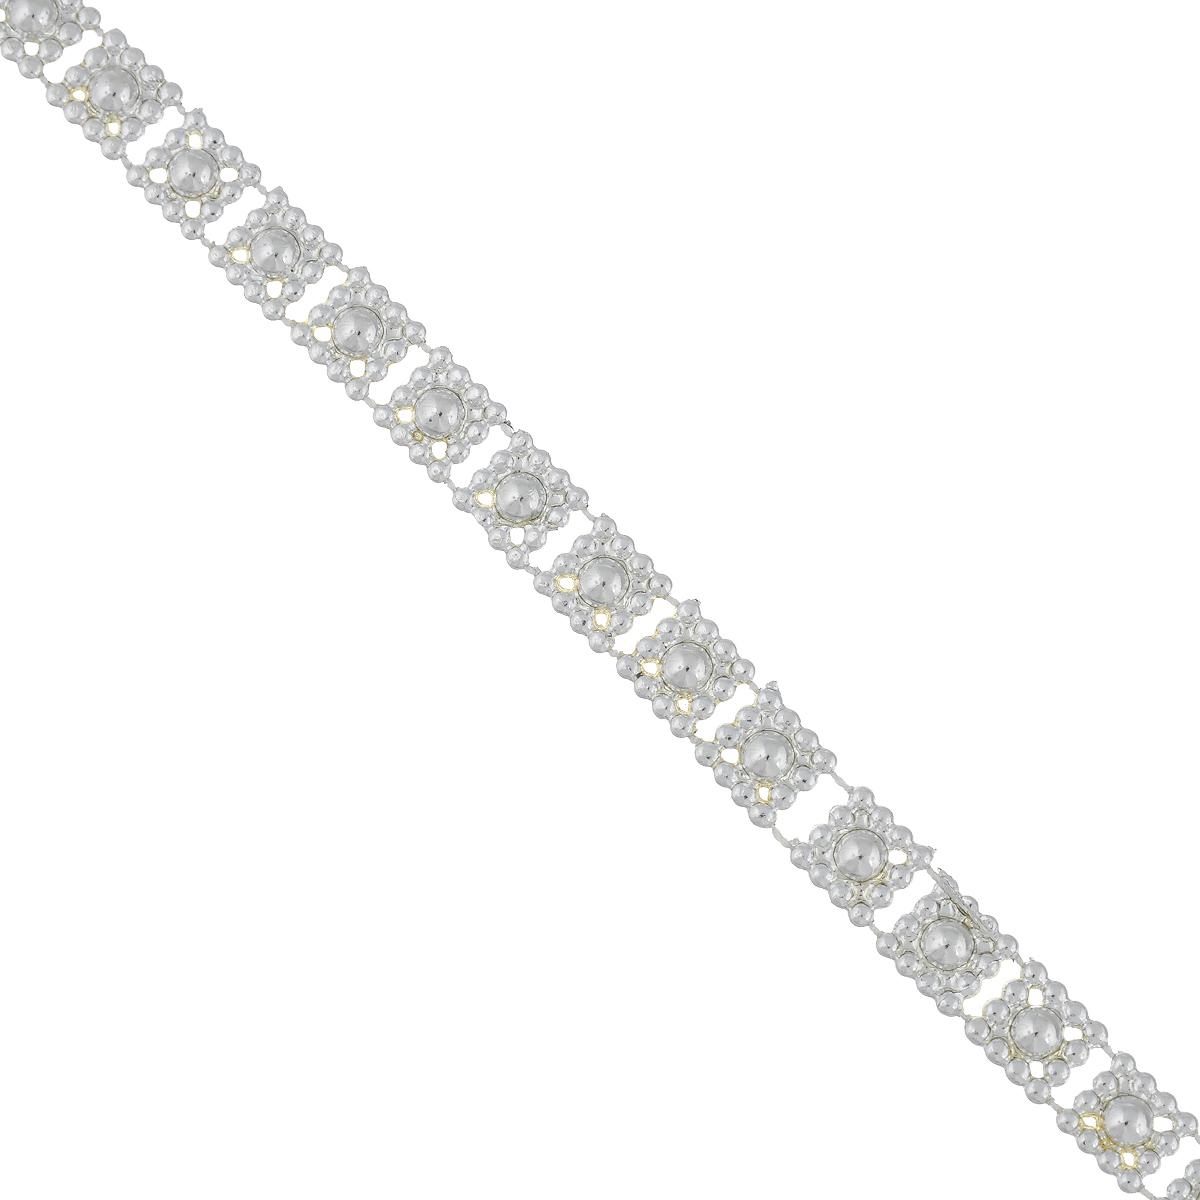 Новогодняя гирлянда Феникс-презент Квадратики, цвет: серебристый, длина 2,7 м38687Новогодняя гирлянда Феникс-презент Квадратики, выполненная из высококачественного полистирола, прекрасно подойдет для декорации новогодней ели. Она подарит сказочную атмосферу и ощущение праздника. Откройте для себя удивительный мир сказок. Почувствуйте волшебные минуты ожидания торжества и новогоднего настроения.Ширина гирлянды: 0,9 см.